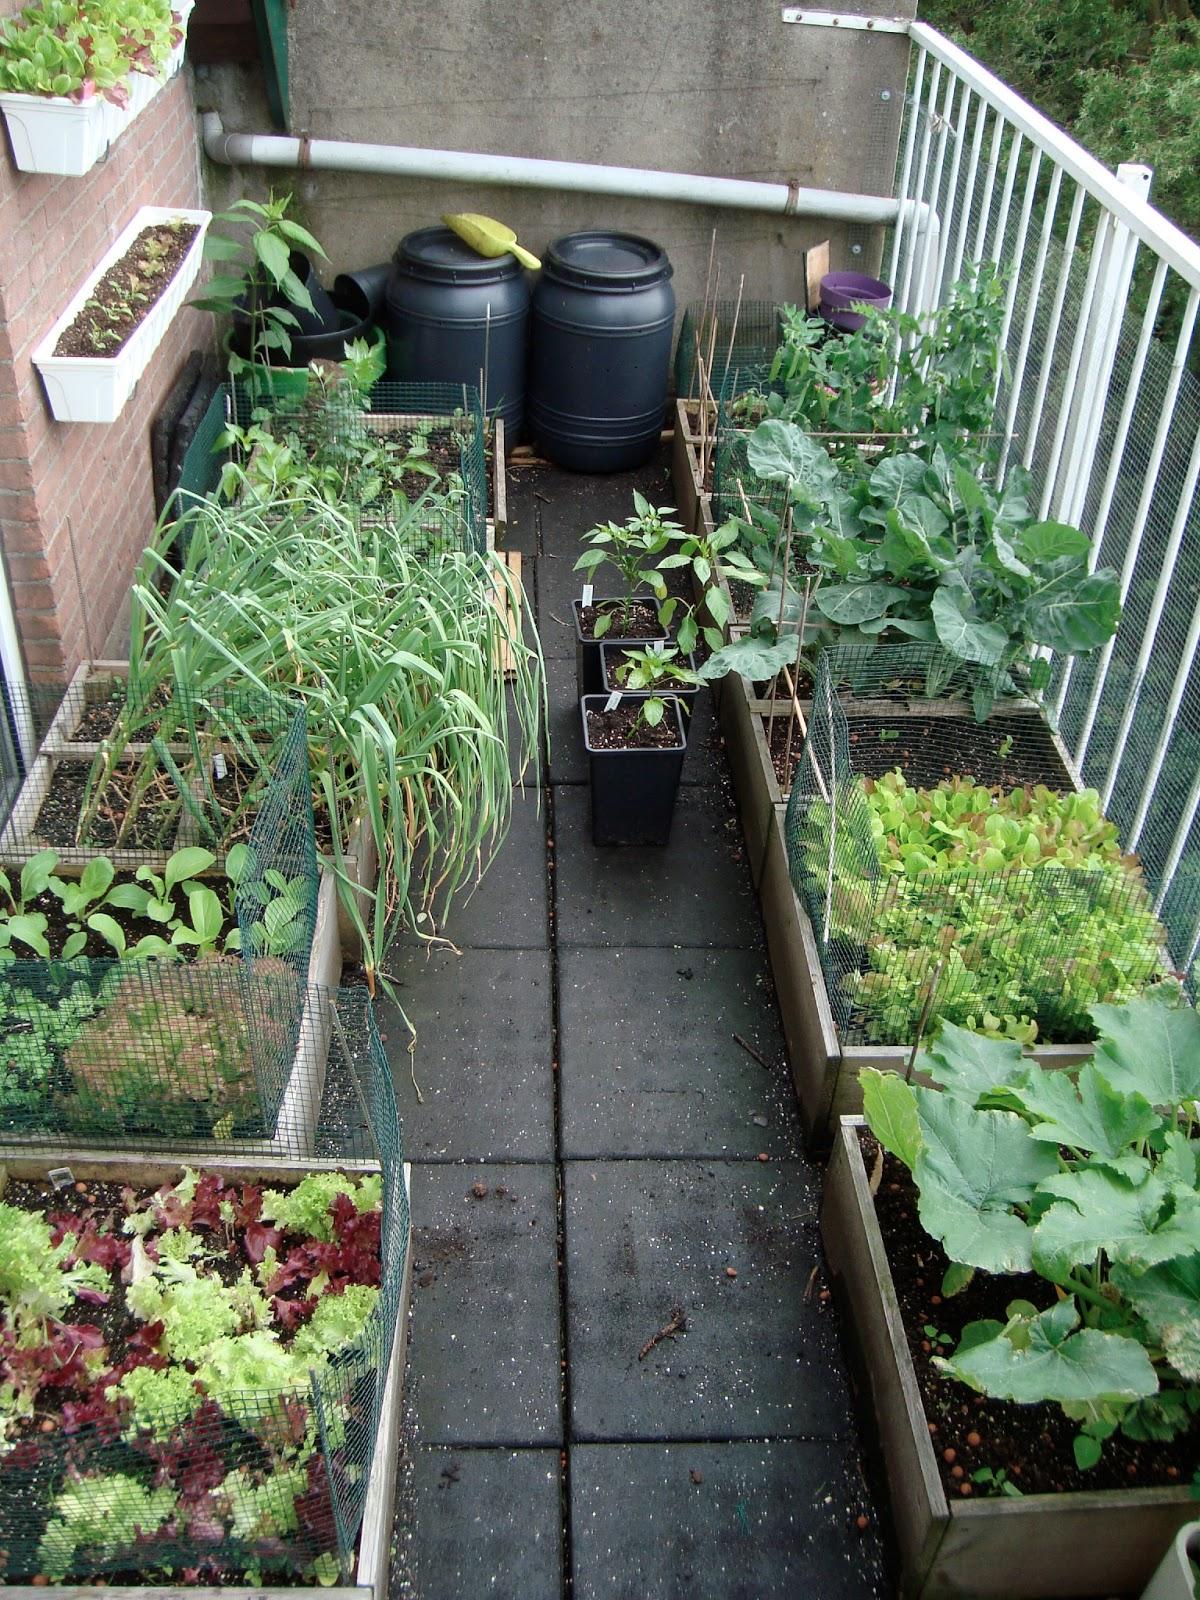 Minituinders een dozijn soorten groenten op n balkon - Groenten in potten op balkons ...